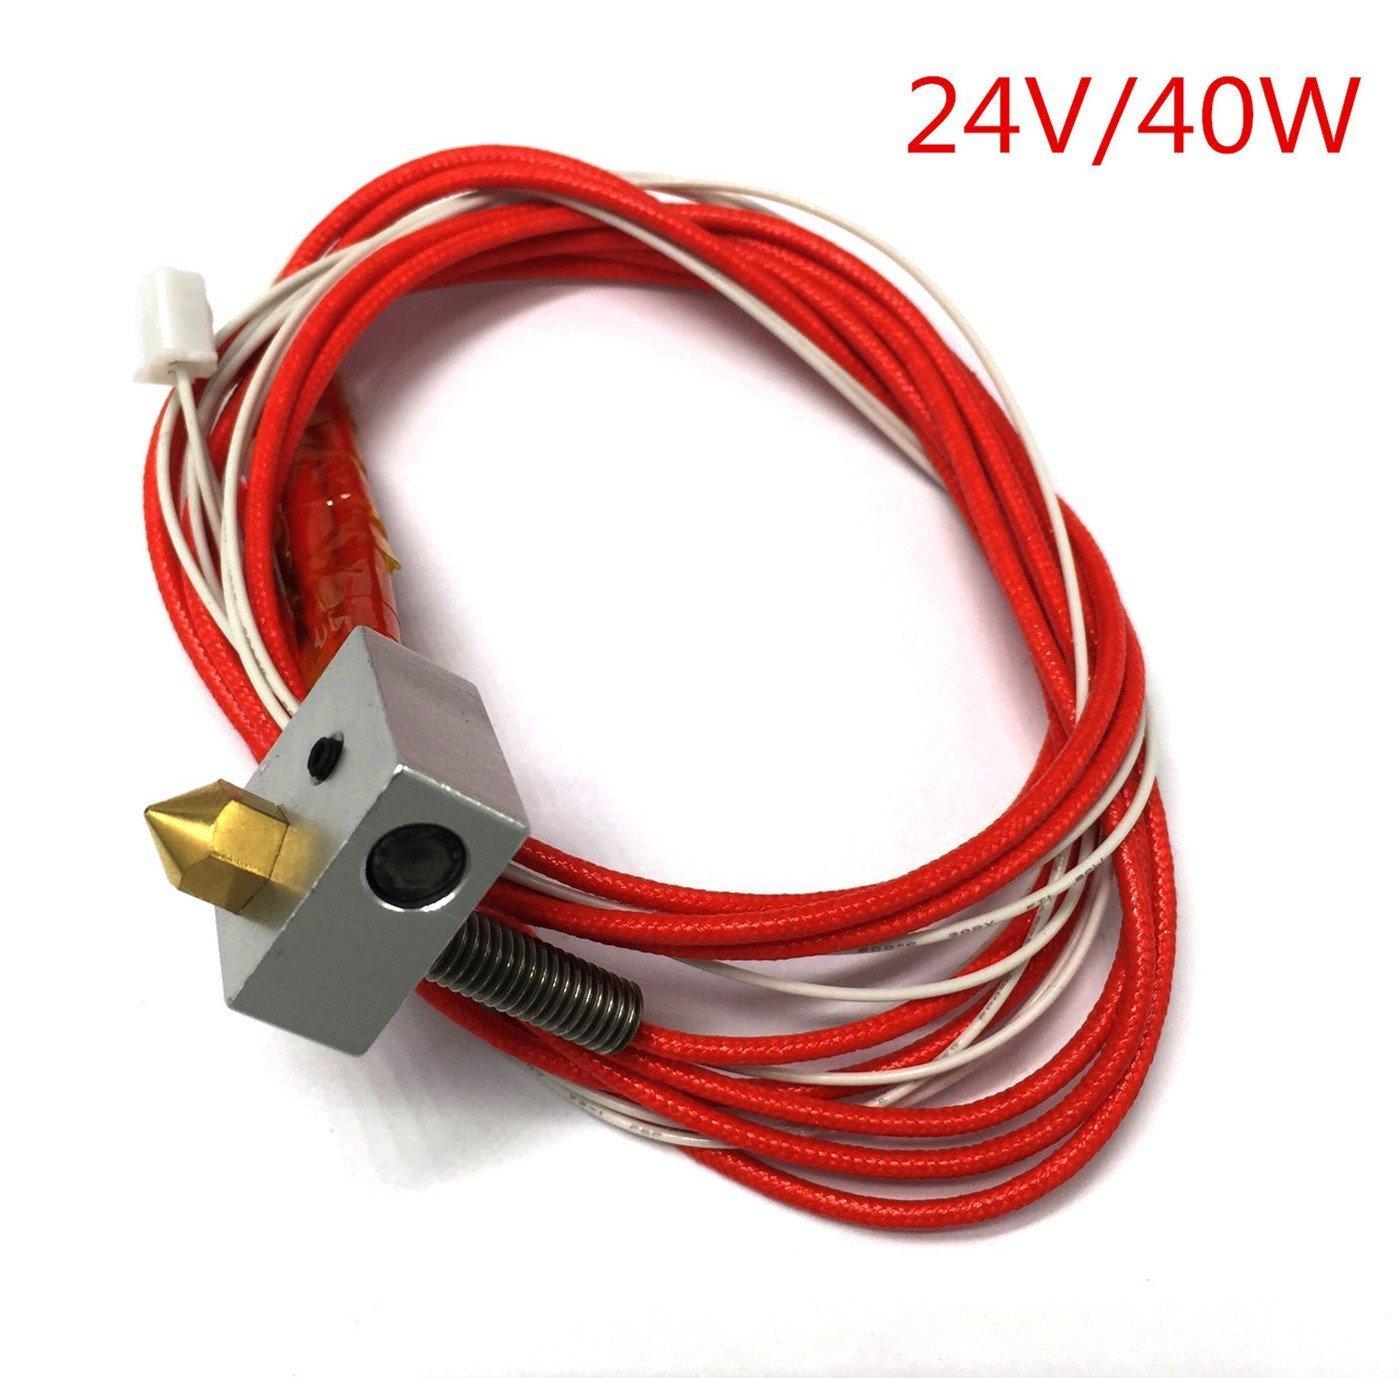 Boquilla de extracción de impresora 3D, termistor térmico, 24 V ...